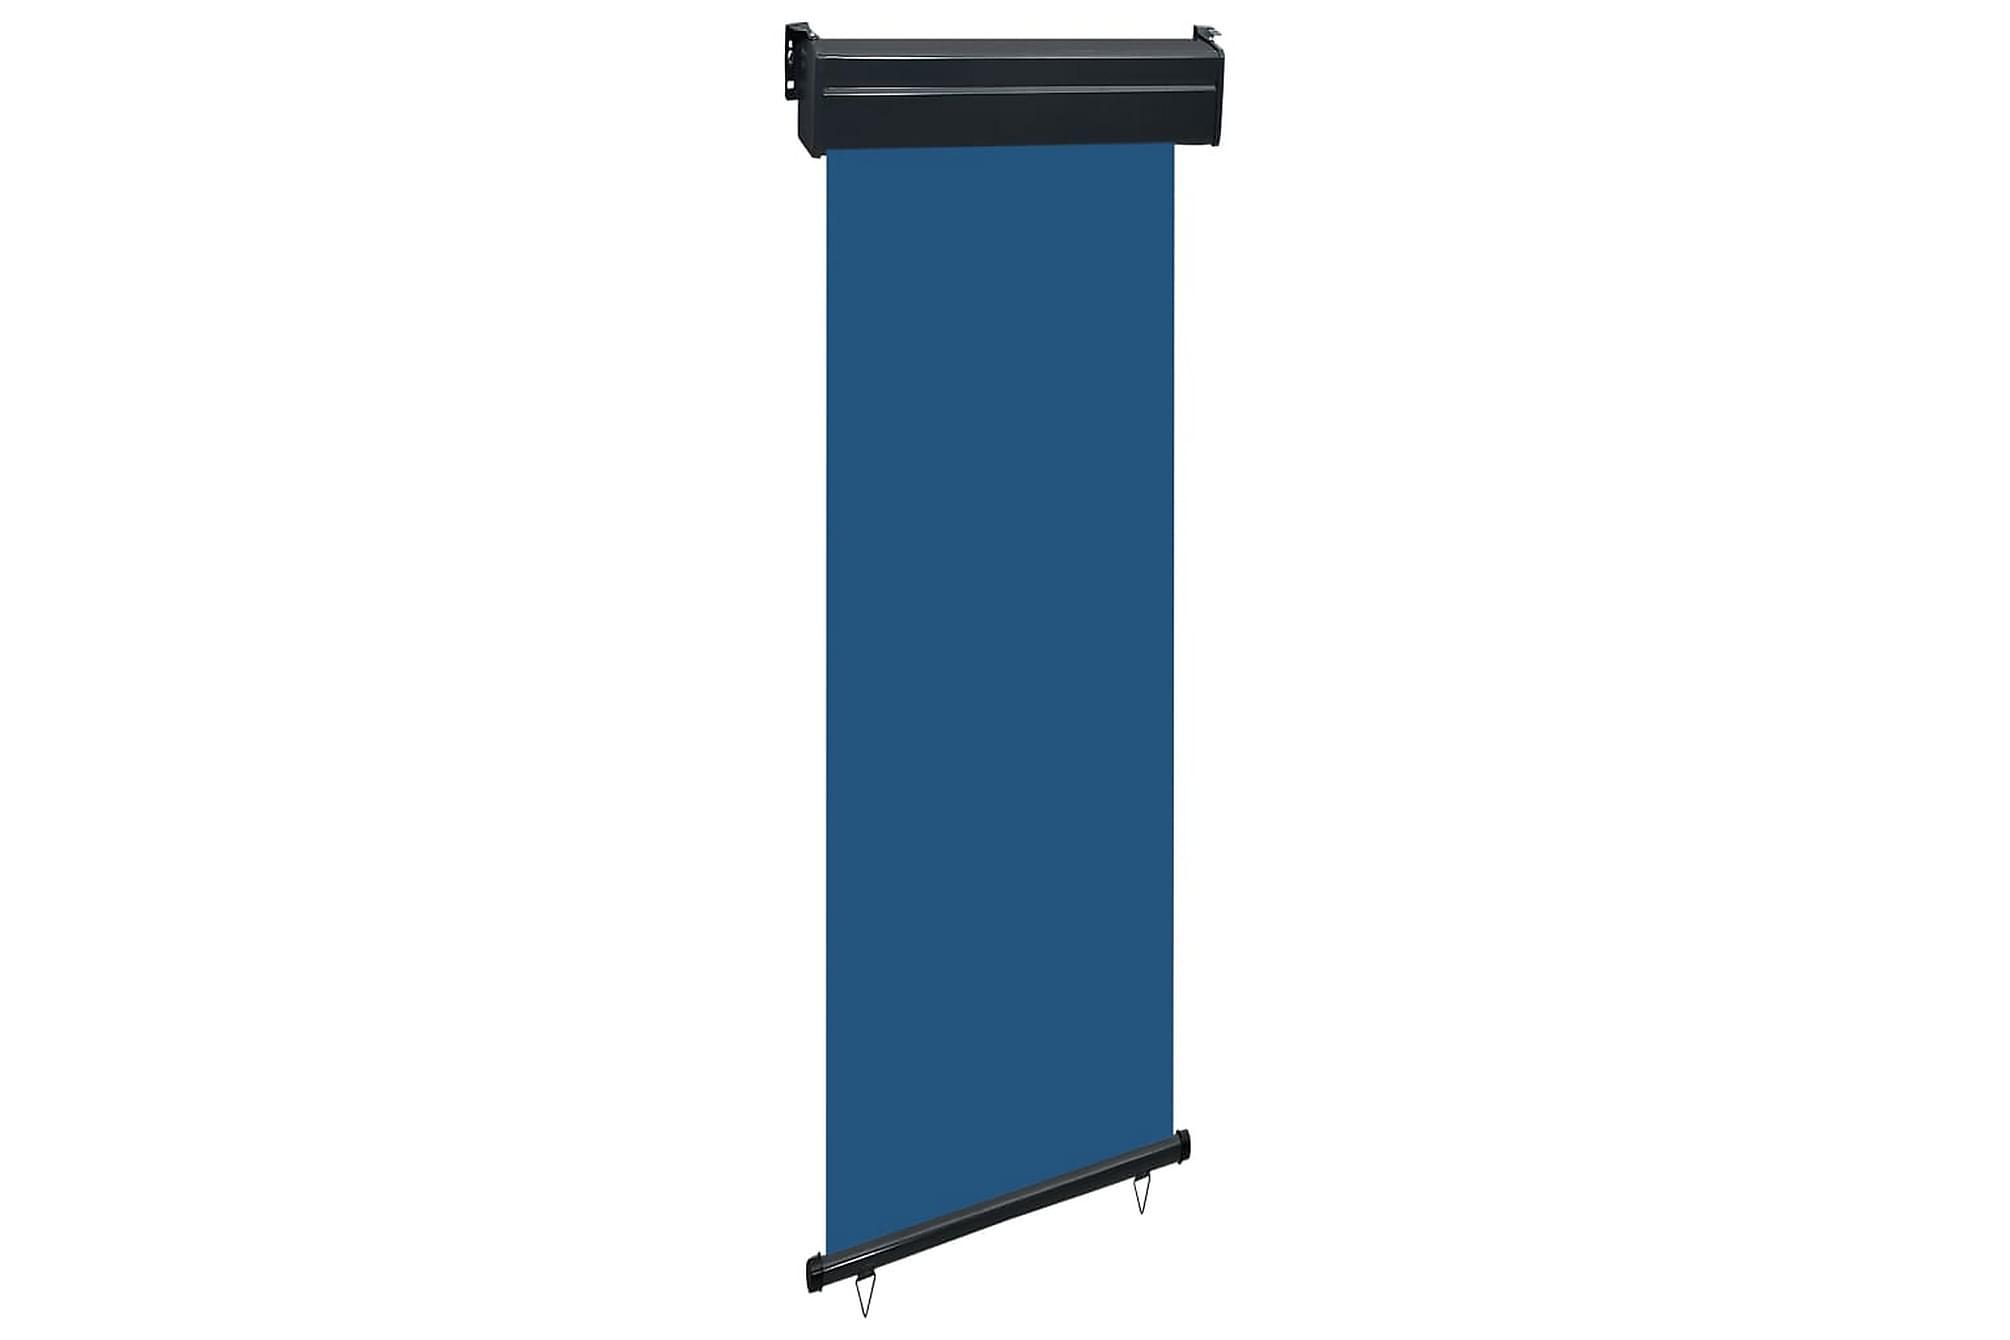 Balkongmarkis 60x250 cm blå, Markiser